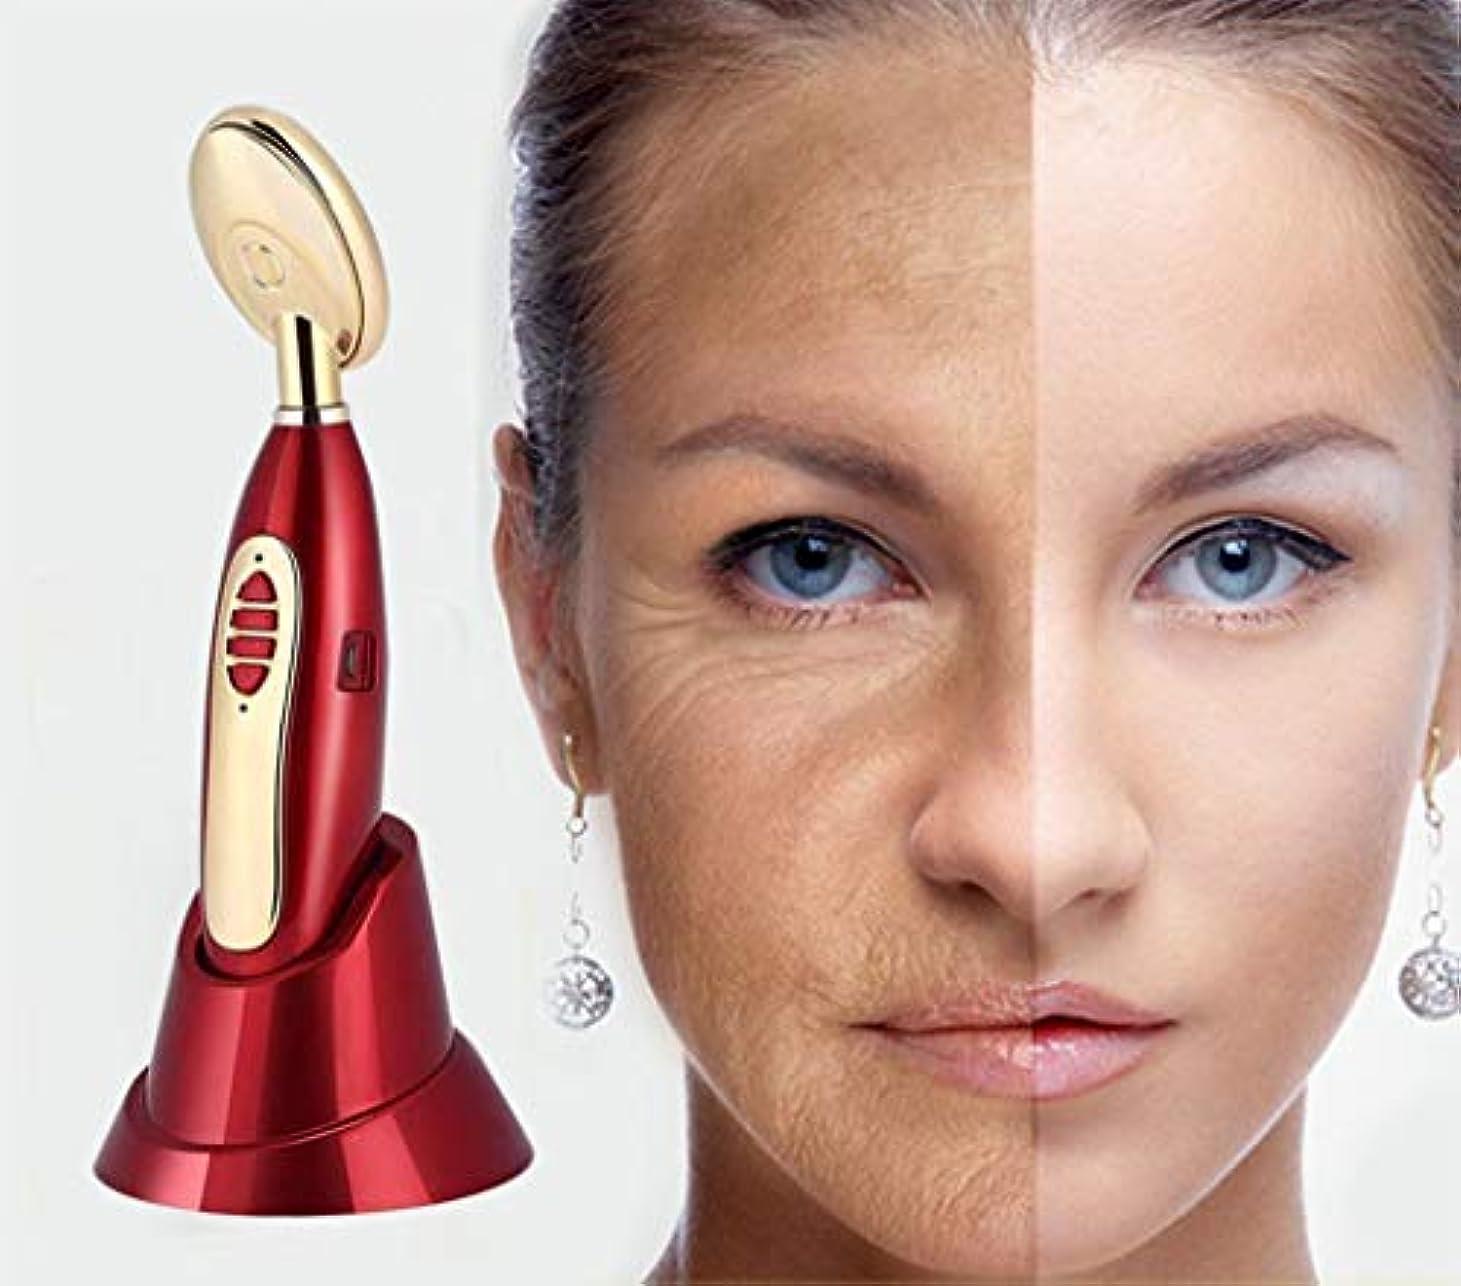 騒痴漢アンデス山脈美容機器電気顔と目の皮膚引き締め機負イオンスキンエッセンス振動マッサージ USB しわ除去デバイス美容機器暗い円を削除します。